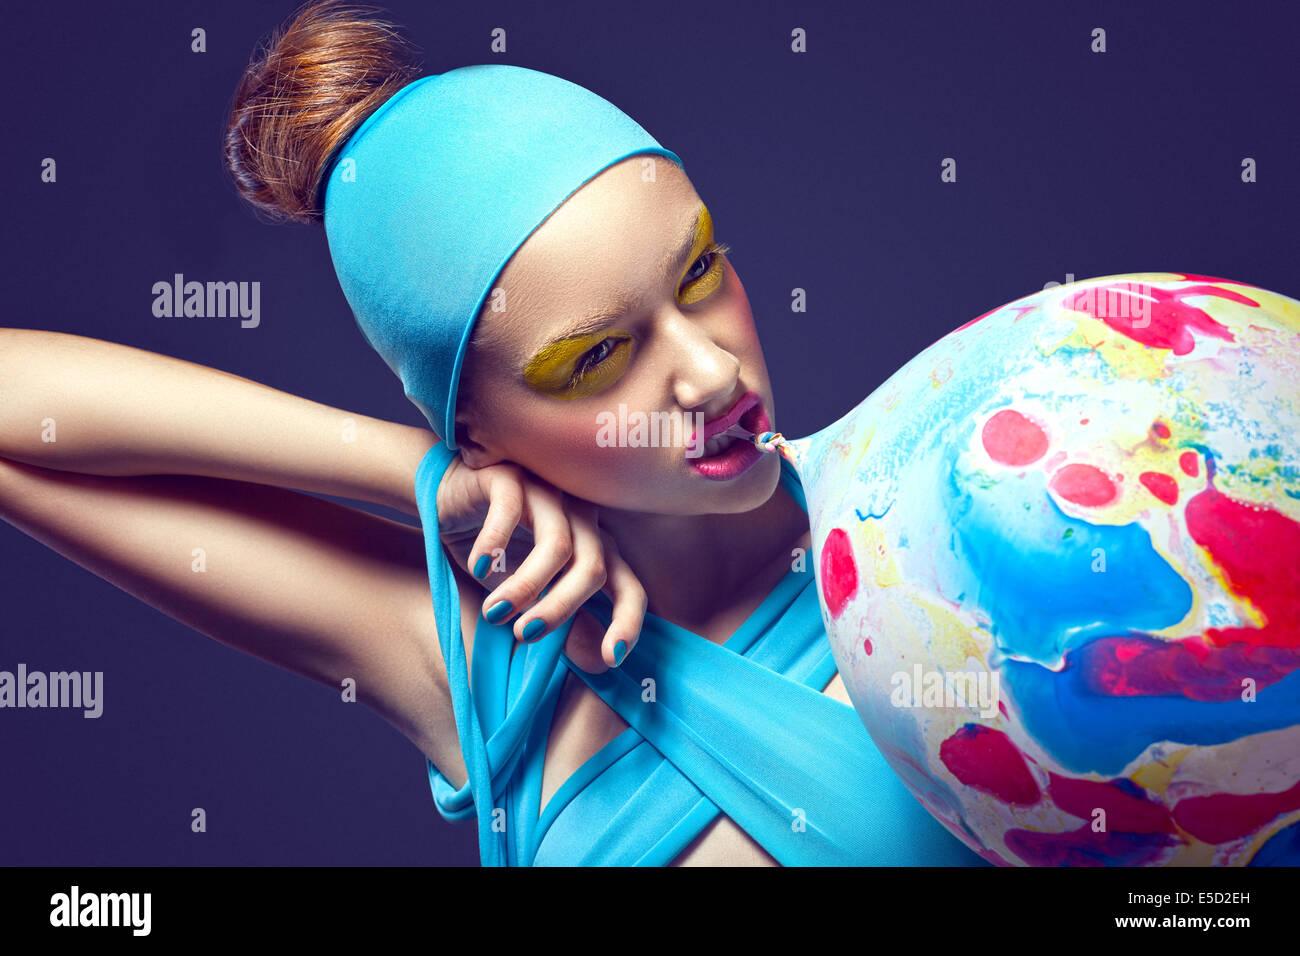 Groteske. Exzentrische Frau mit Phantasie theatralisch Make-up und Luftballon Stockbild